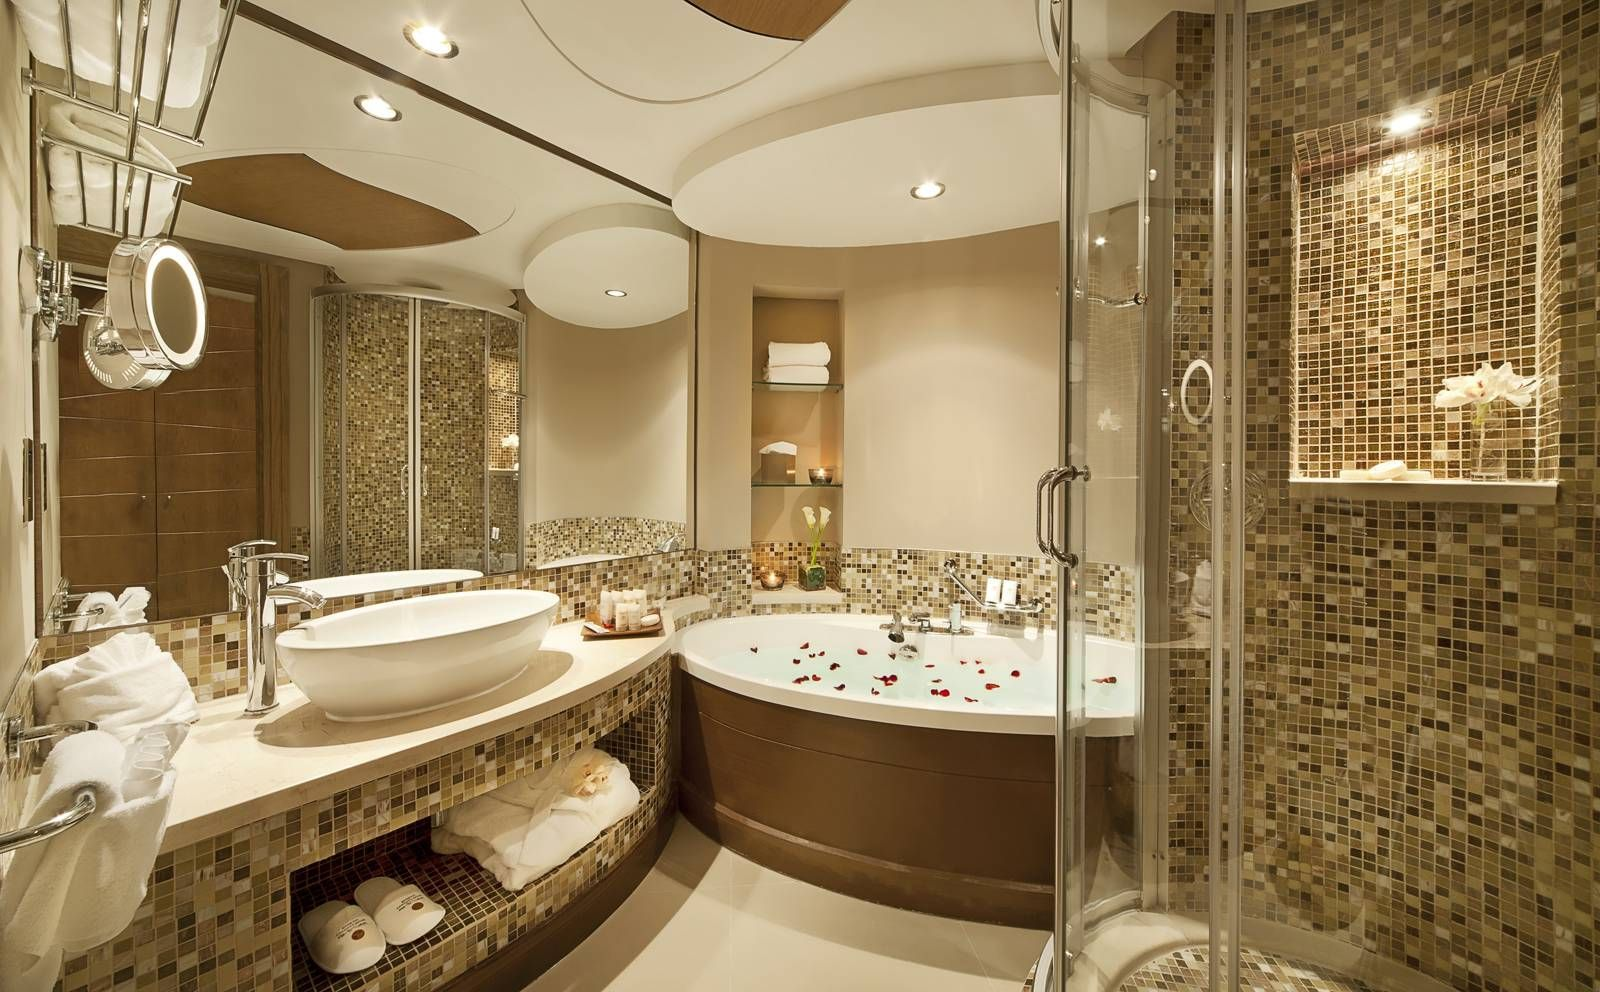 hotels with big bathtubs. Hotels With Big Bathtubs Kansas City